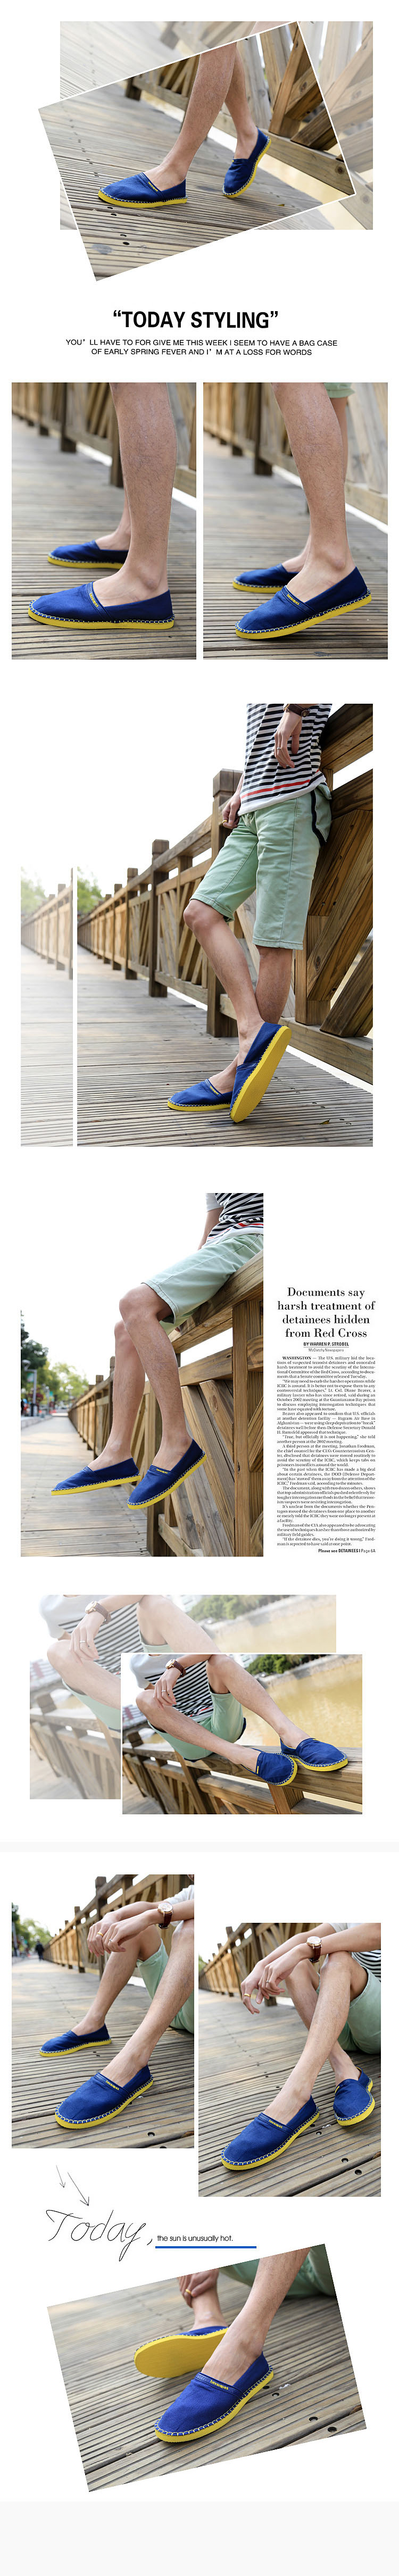 мужчины новый - на mel ООО ЛД нет-пятки любителей чемпионата туфли кроссовки LD Gel квартиры бесплатная доставка